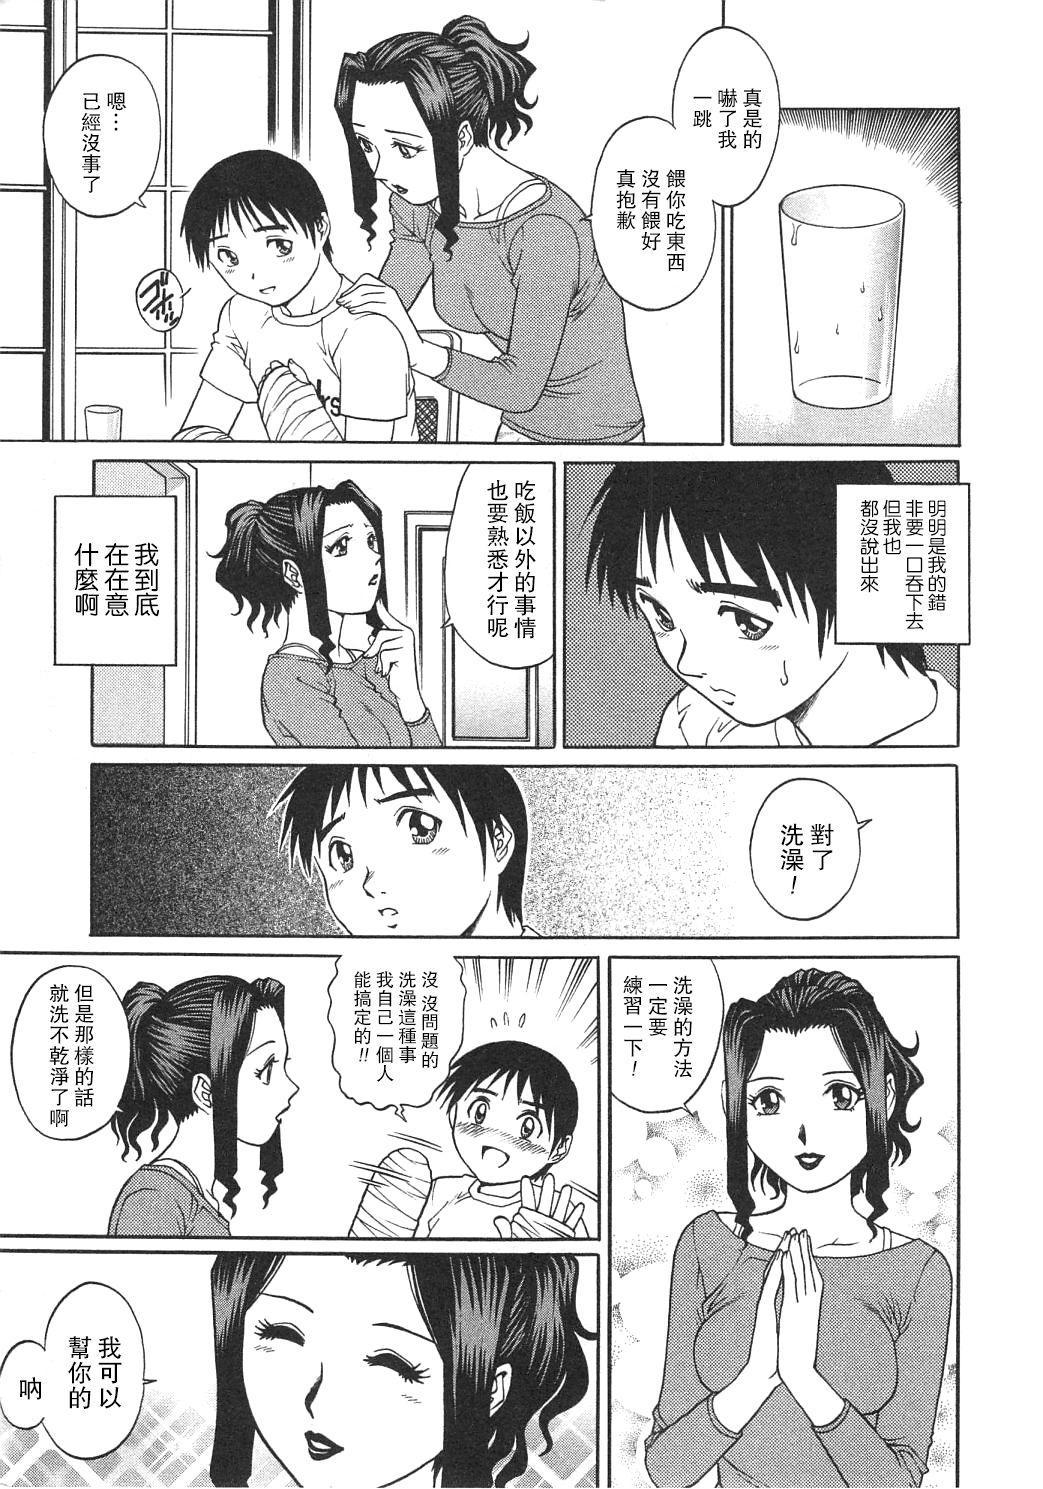 Mama to Yobenakute | 不能叫你媽媽 4